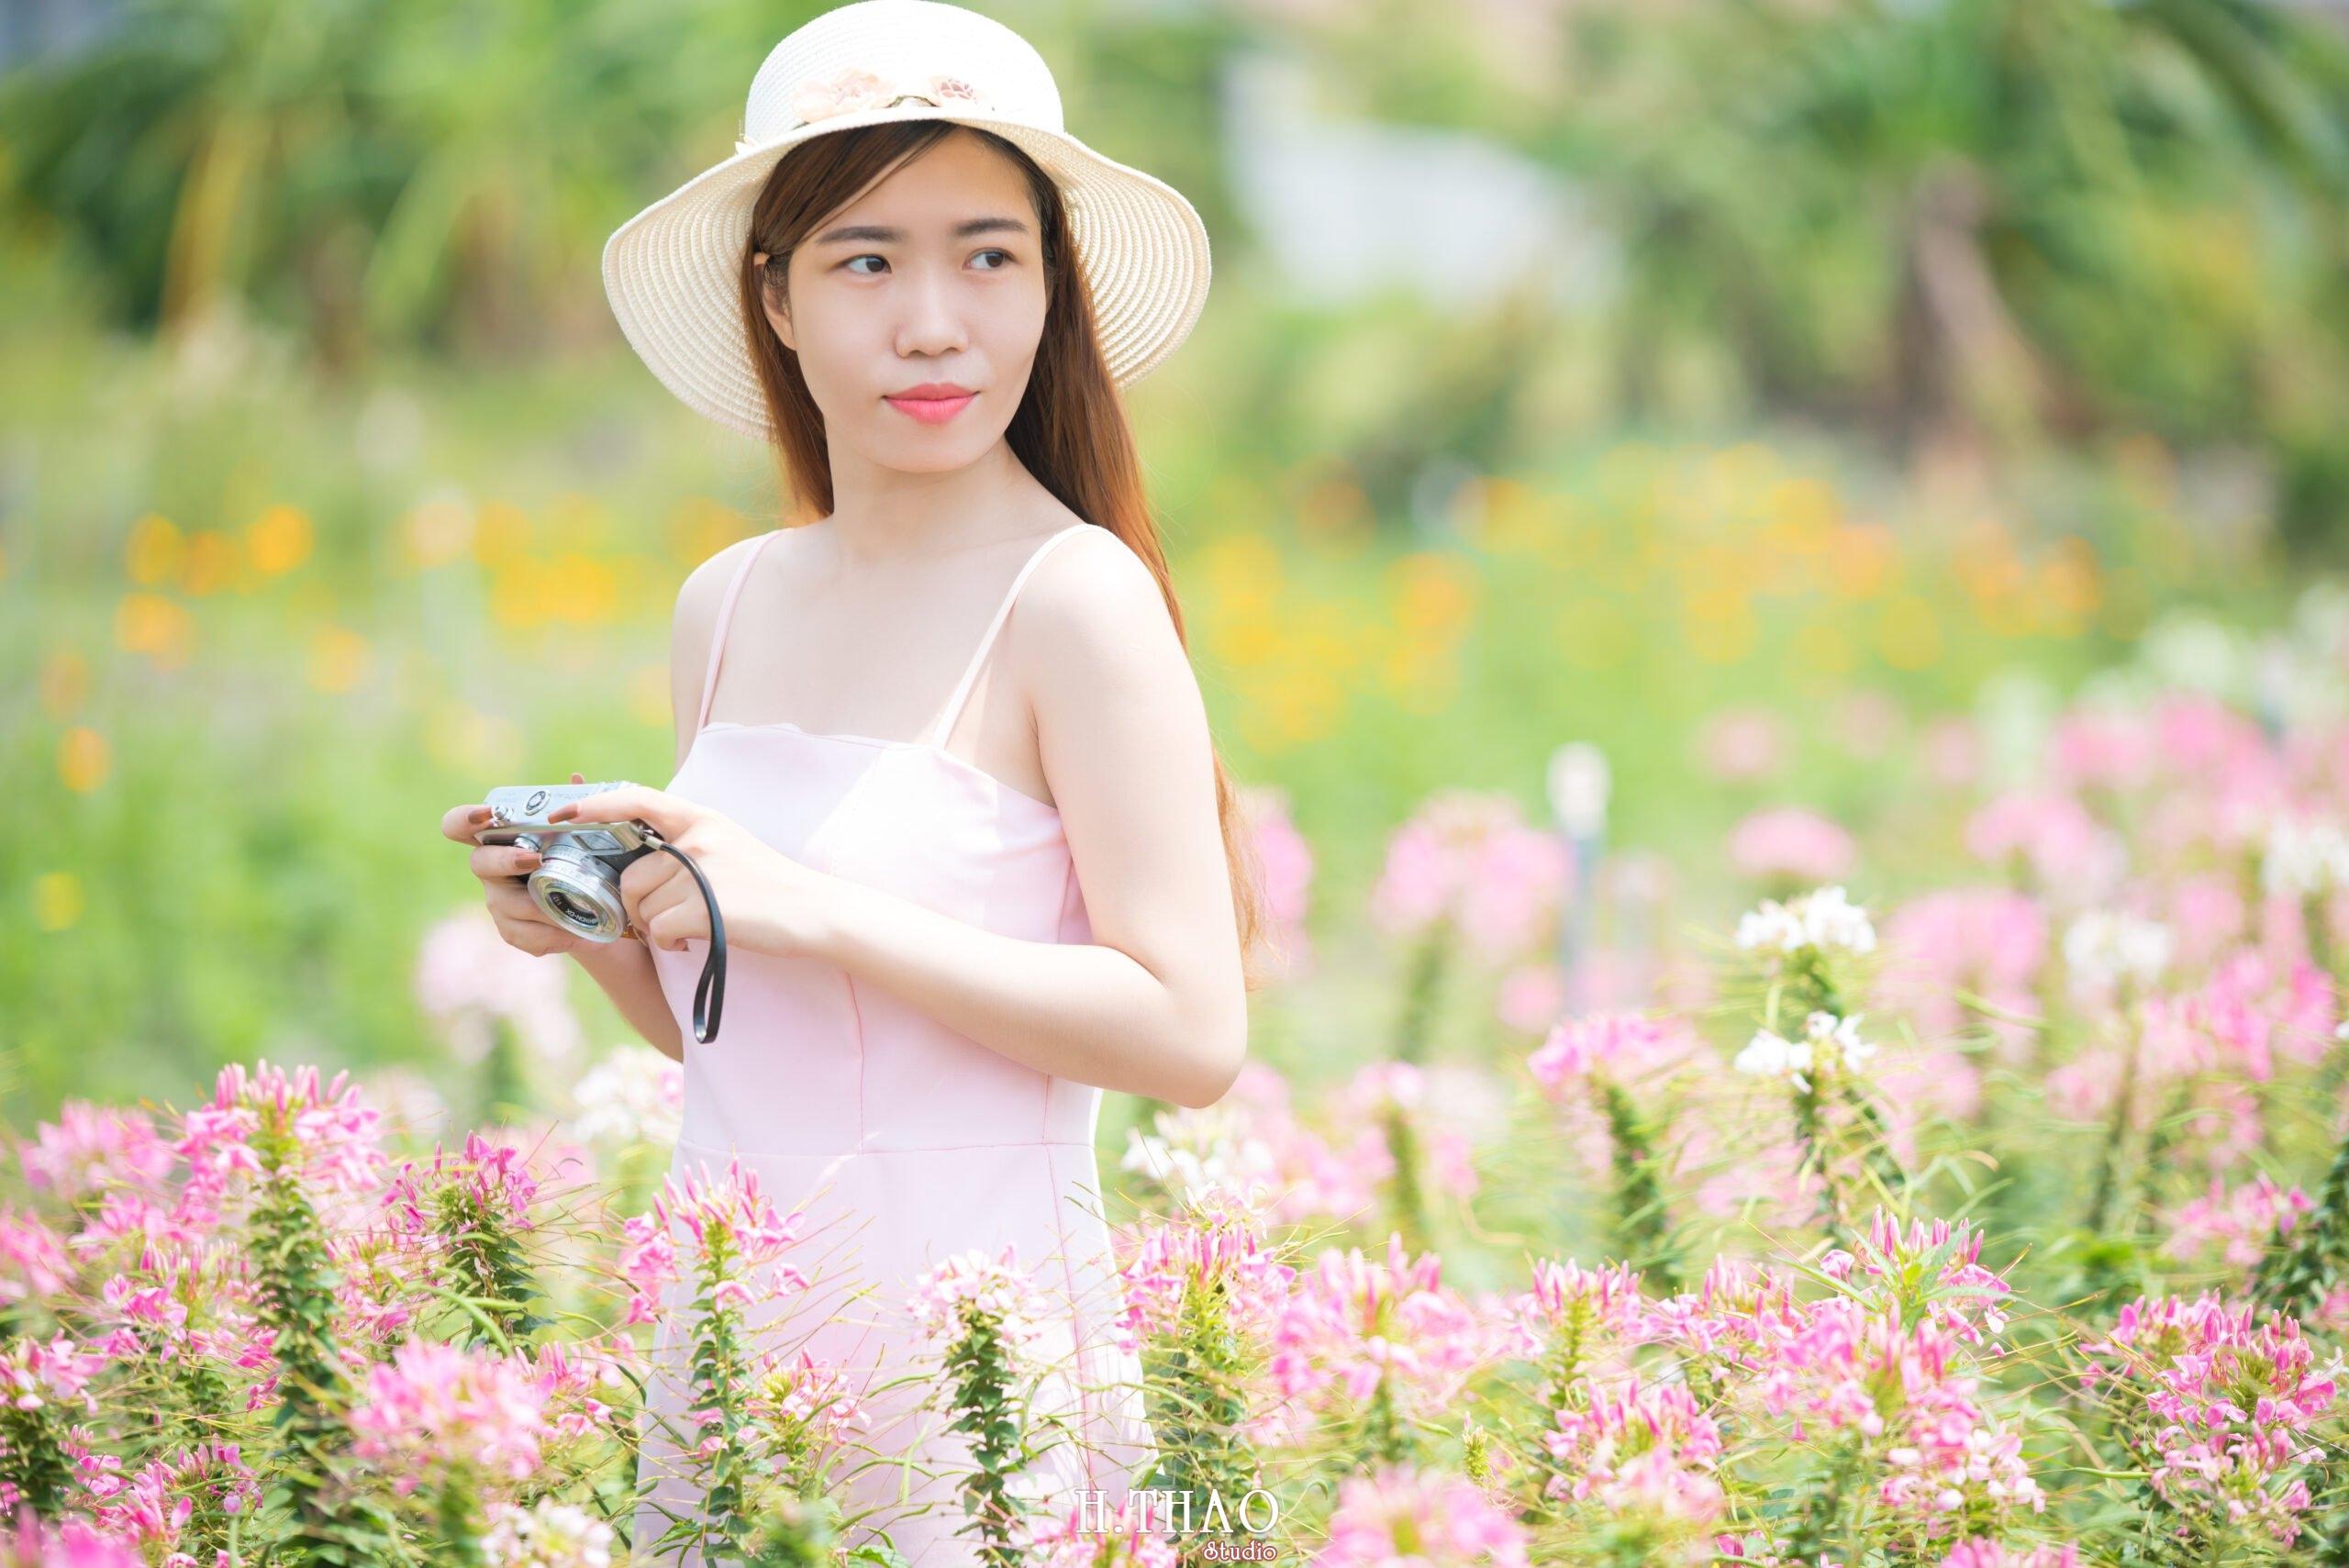 Anh be Mai 13 scaled - Chụp ảnh với hoa hướng dương tuyệt đẹp giữa lòng Sài Gòn